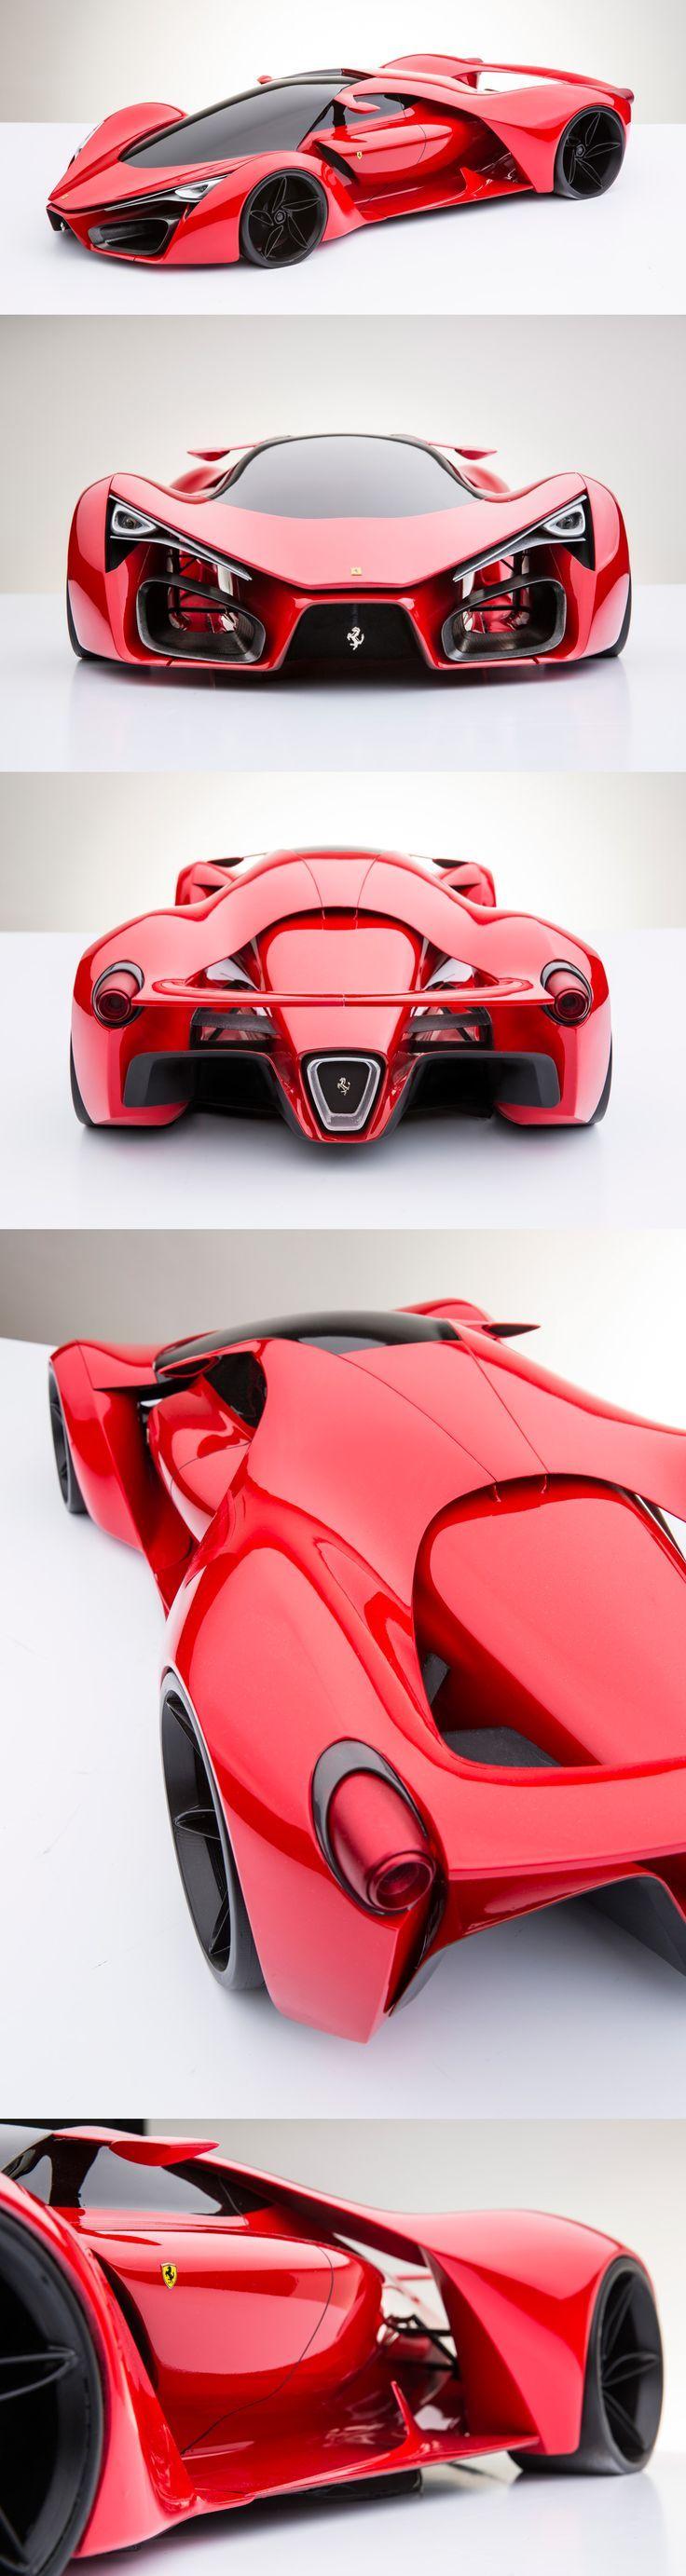 WOW! Ferrari F80 Concept